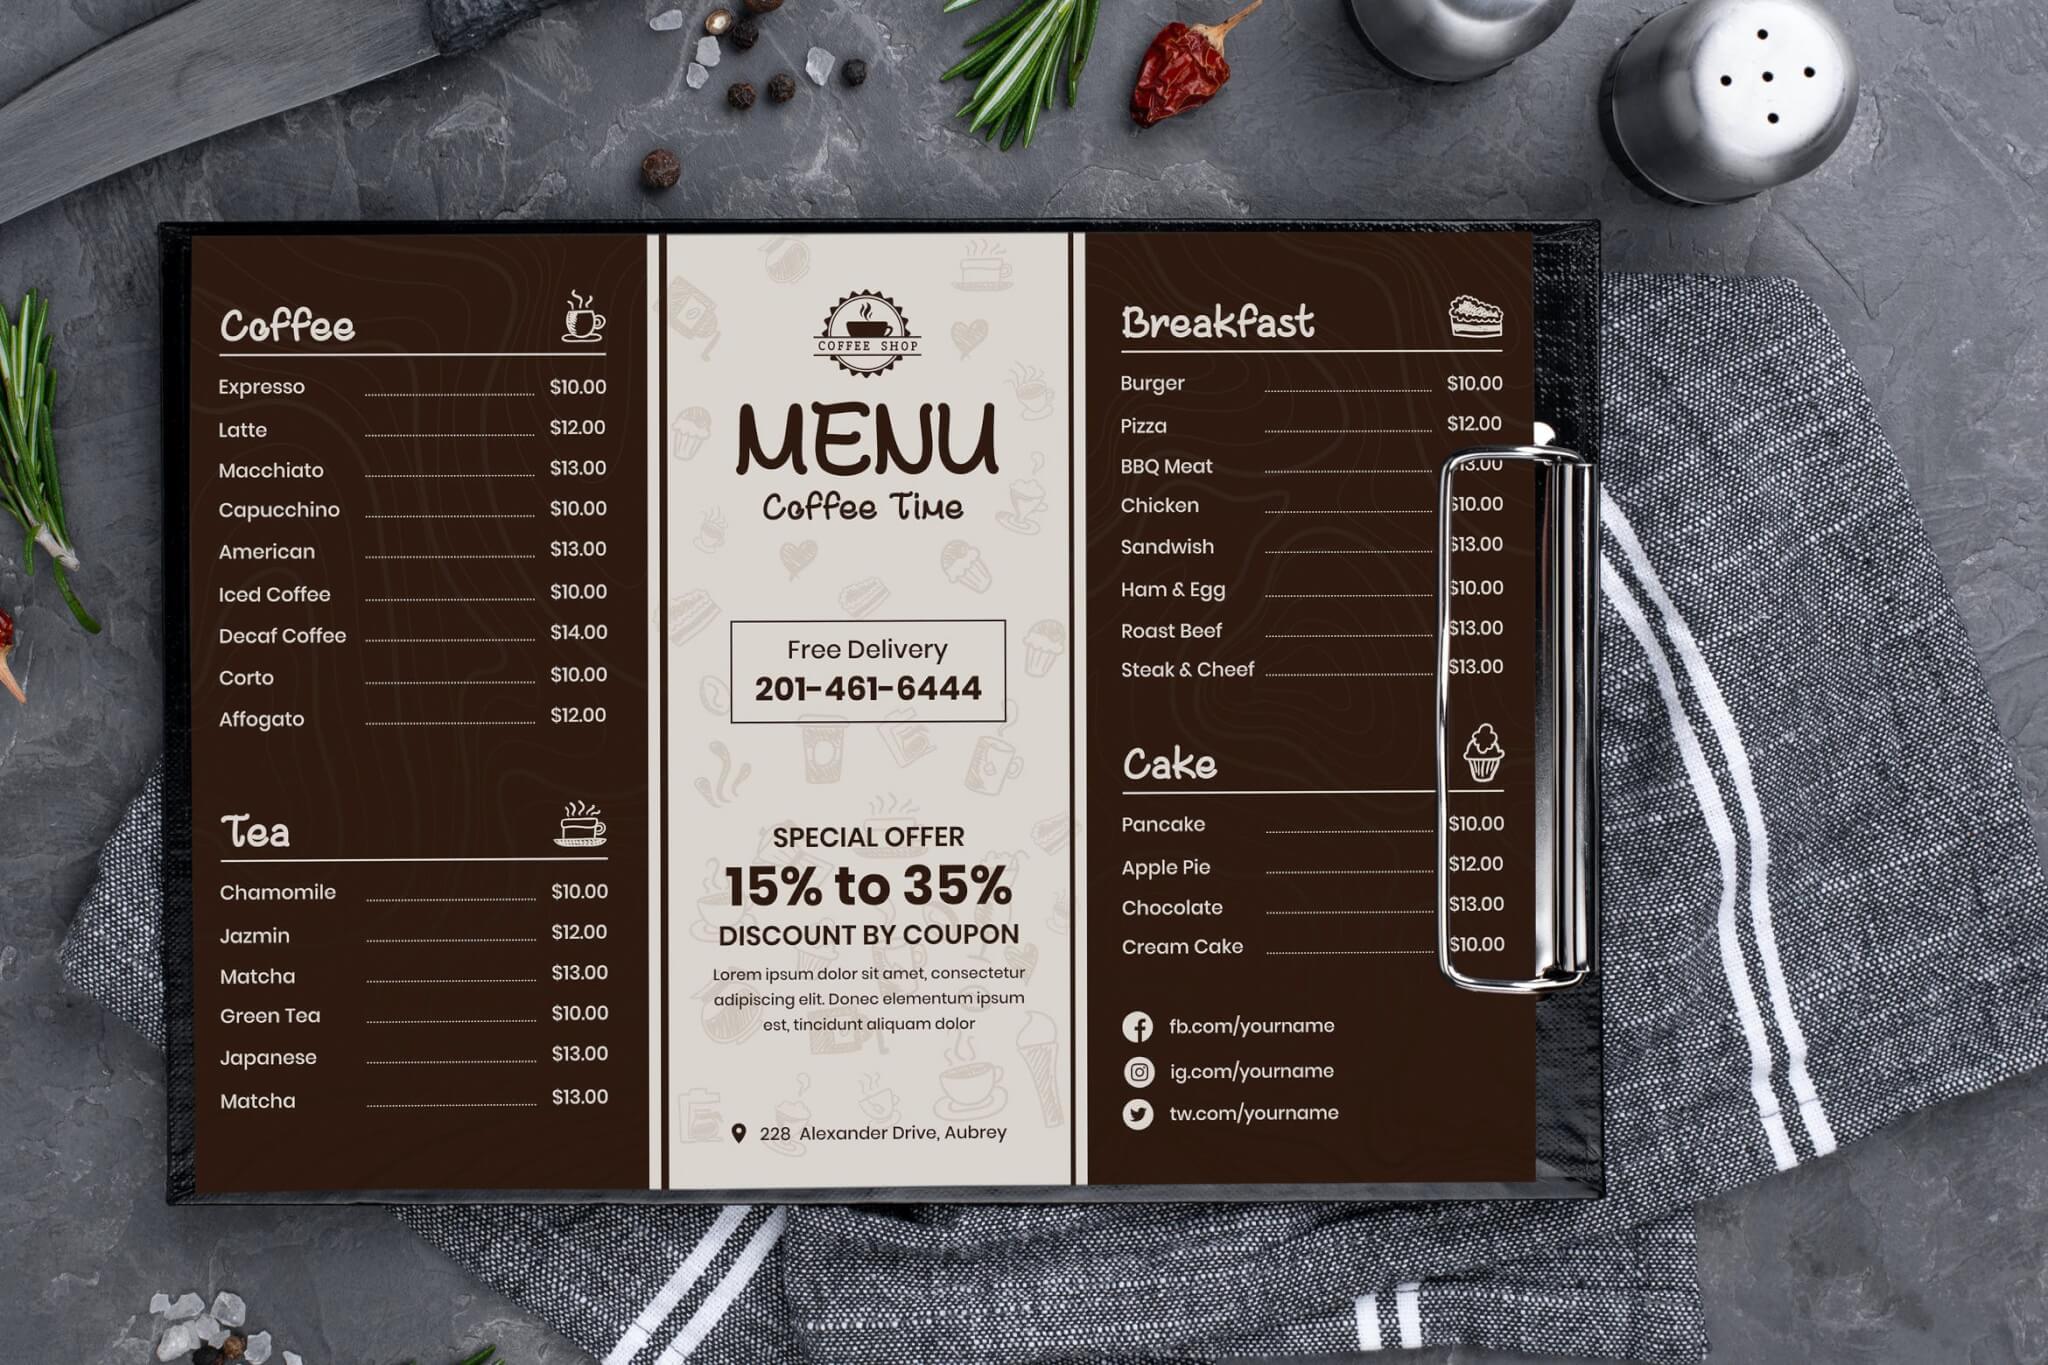 咖啡和茶菜单设计模板